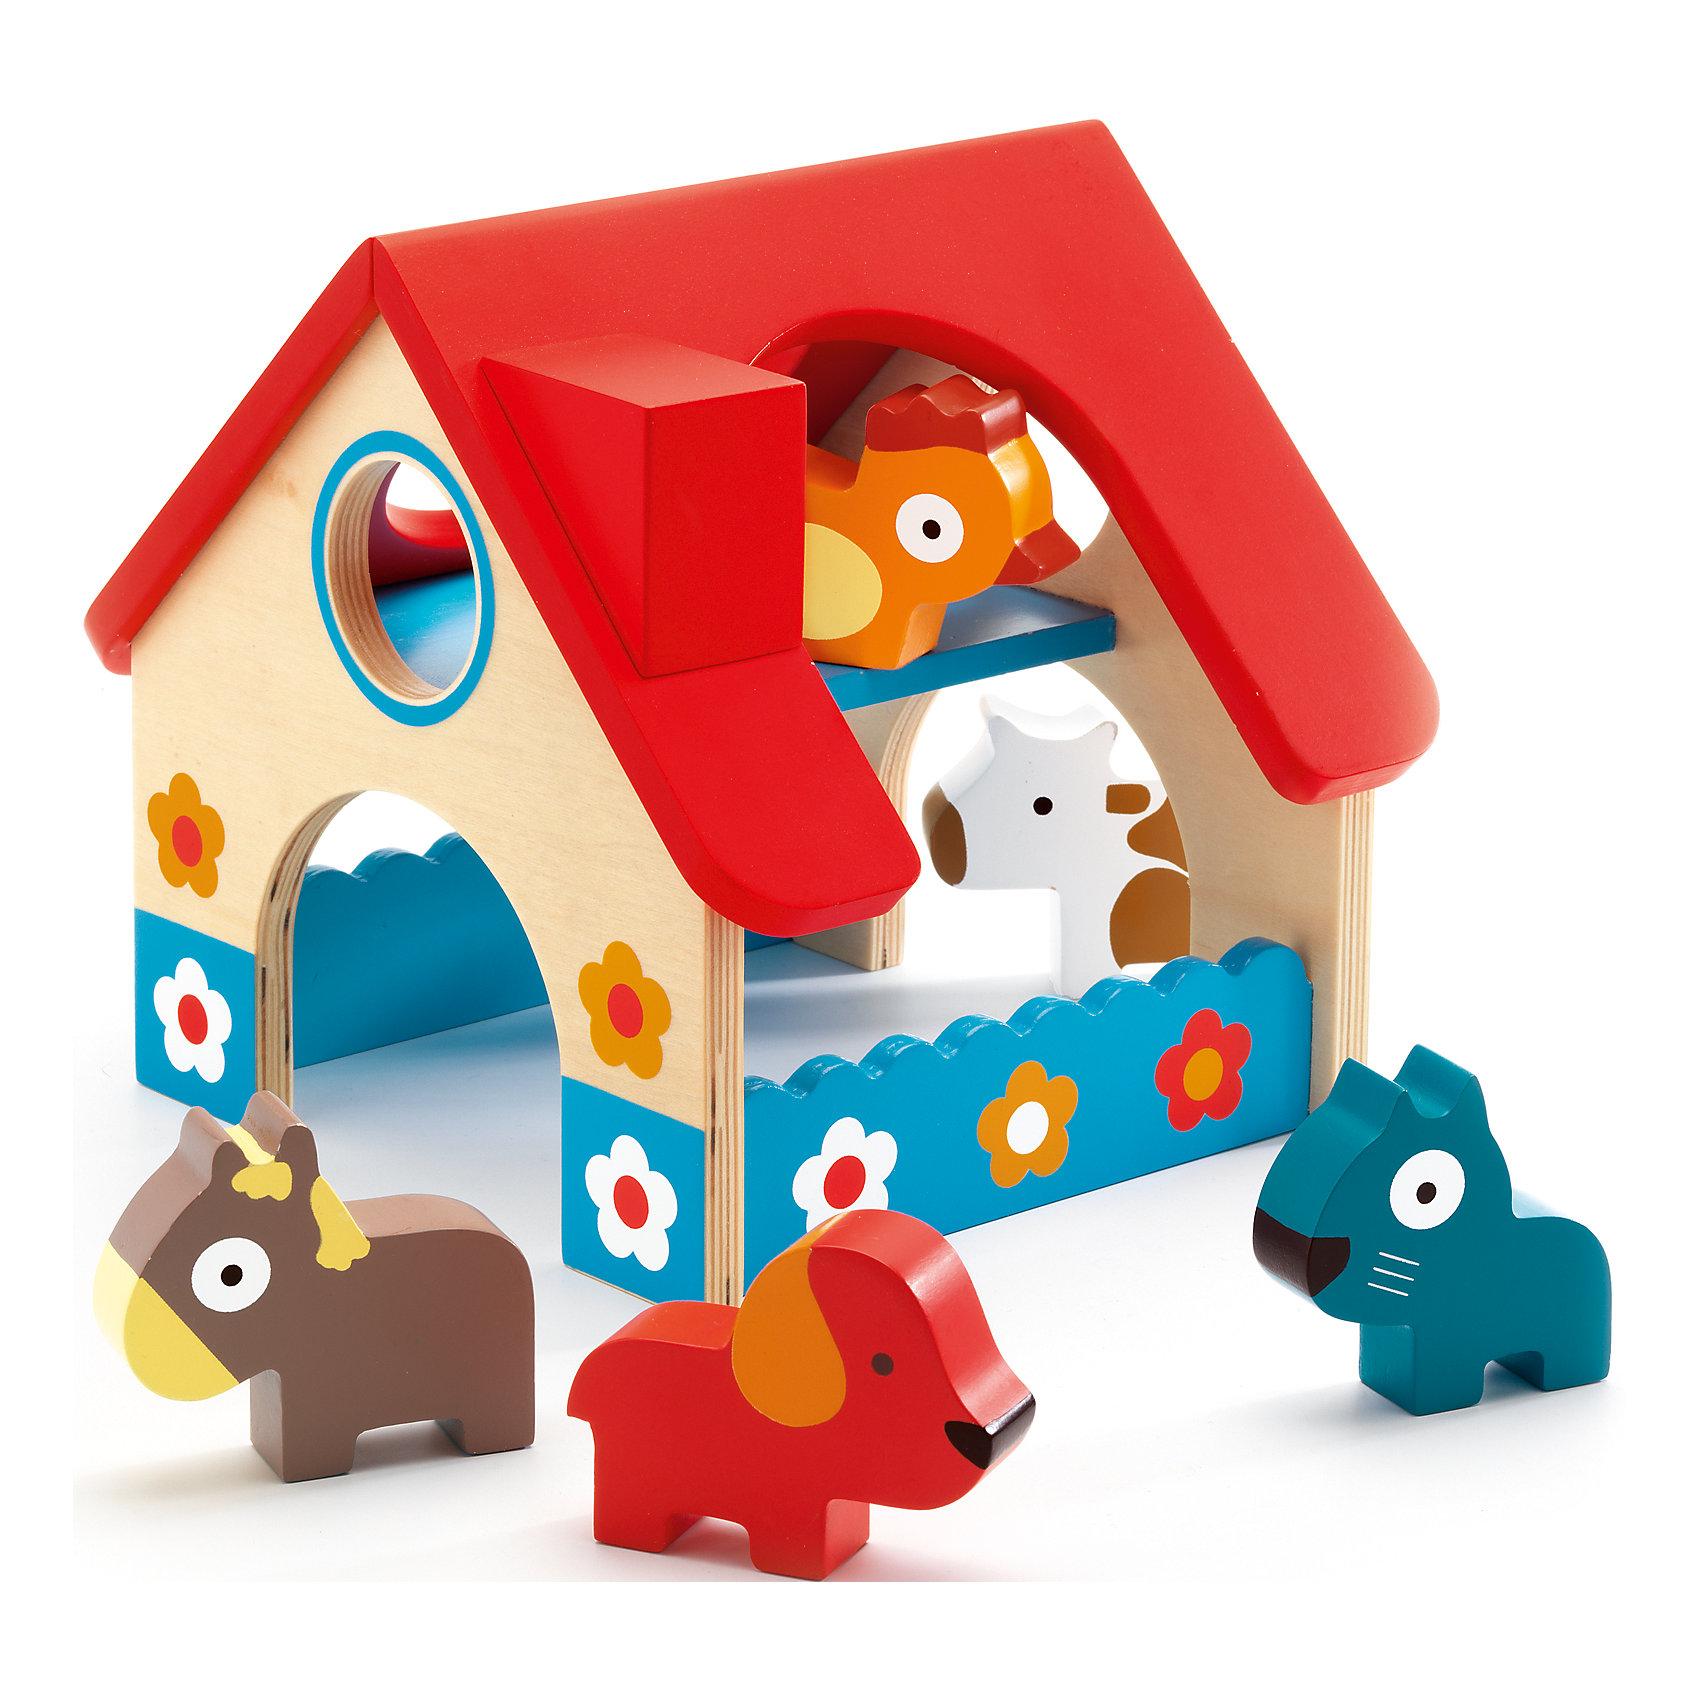 Деревянная ферма, 5 животных, DJECOРазвивающие игрушки<br>Деревянная ферма, 5 животных, DJECO (Джеко)<br><br>Характеристики:<br><br>• приятные цвета<br>• безопасные материалы<br>• материал: дерево<br>• размер упаковки: 16х8х16 см<br><br>Восхитительные зверята из дерева спешат устроить веселые игры с вашим малышом. В комплект входит ферма и 5 животных: кот, собака, лошадь, петух, корова. Ребенок сможет придумать удивительную историю, которая могла бы произойти с этими животными. Игрушки изготовлены из дерева и покрыты безопасными красками. Игра с фигурками развивает воображение, моторику рук и зрительную память<br><br>Деревянную ферму, 5 животных, DJECO (Джеко) вы можете купить в нашем интернет-магазине.<br><br>Ширина мм: 160<br>Глубина мм: 180<br>Высота мм: 160<br>Вес г: 580<br>Возраст от месяцев: 36<br>Возраст до месяцев: 1188<br>Пол: Унисекс<br>Возраст: Детский<br>SKU: 4761458